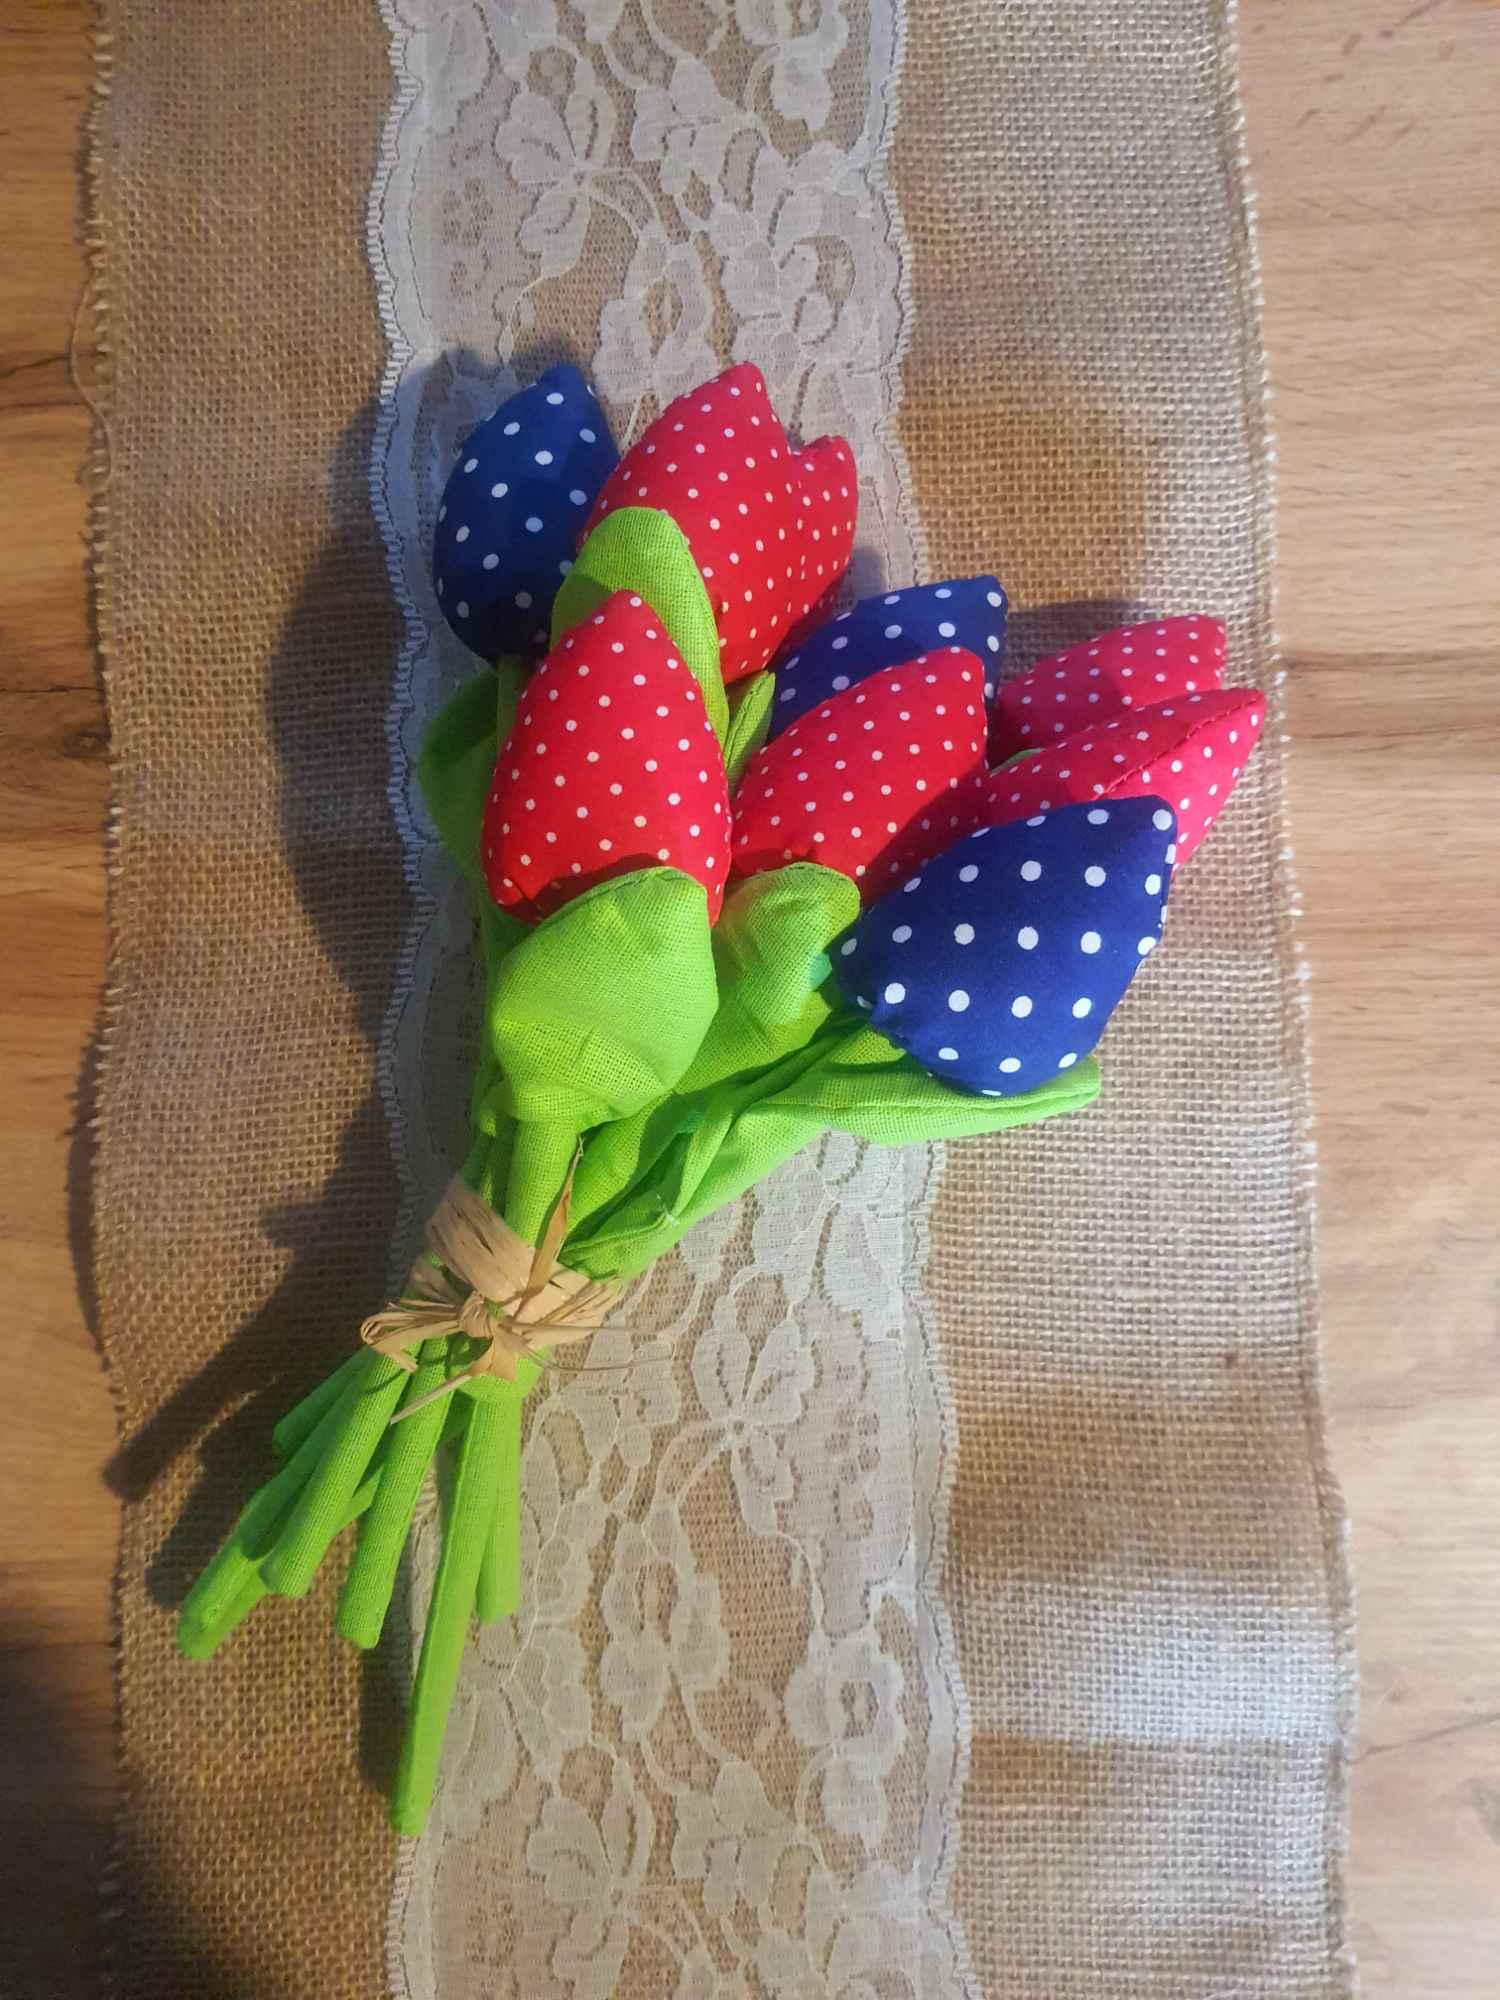 Tulipany szyte z bawełny Dzień Matki, zakończenie roku szkolnego Piekary Śląskie - zdjęcie 2